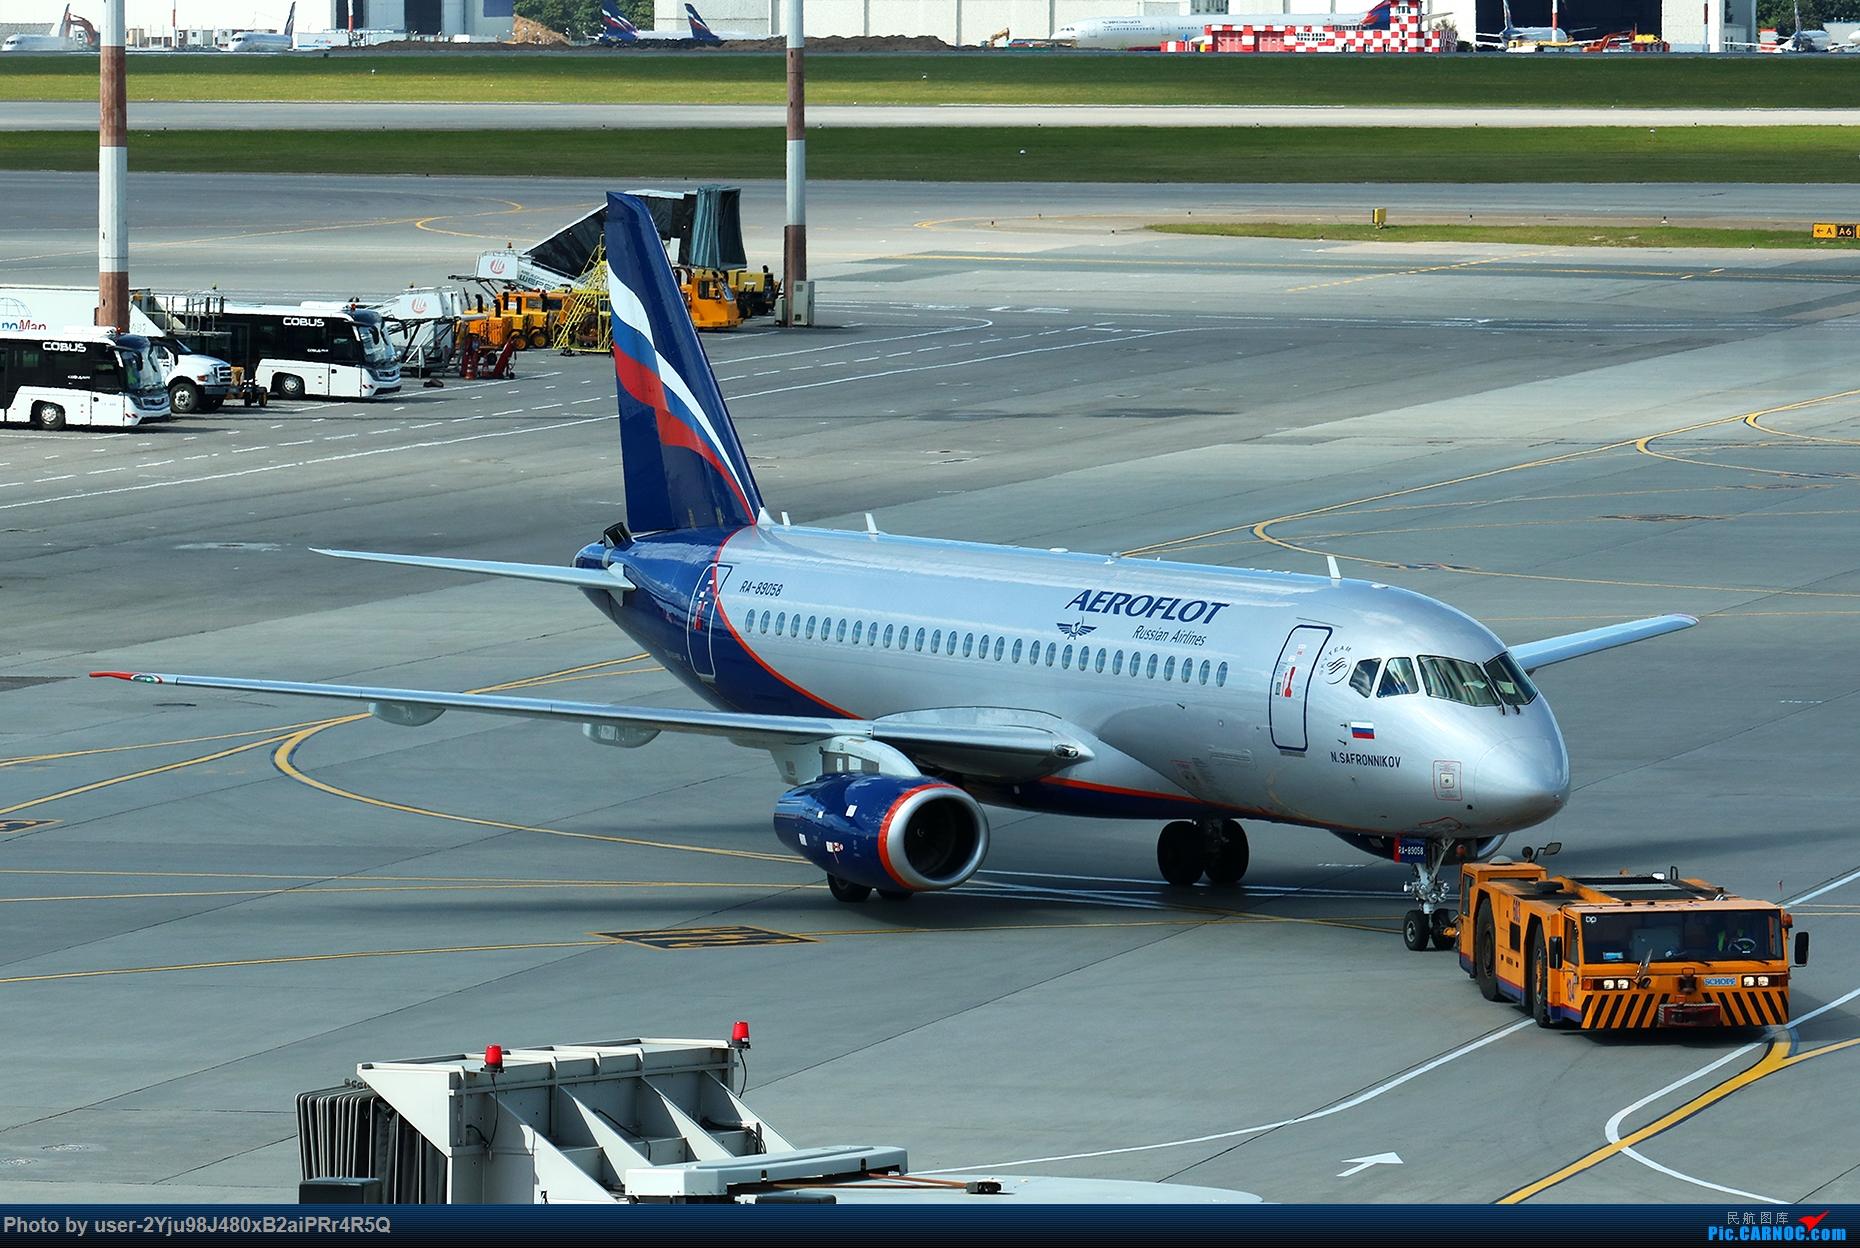 [原创]LIULIU Sheremetyevo的漫游 Aeroflot毛航篇 SSJ-100 RA-89058 俄罗斯谢诺梅杰沃机场